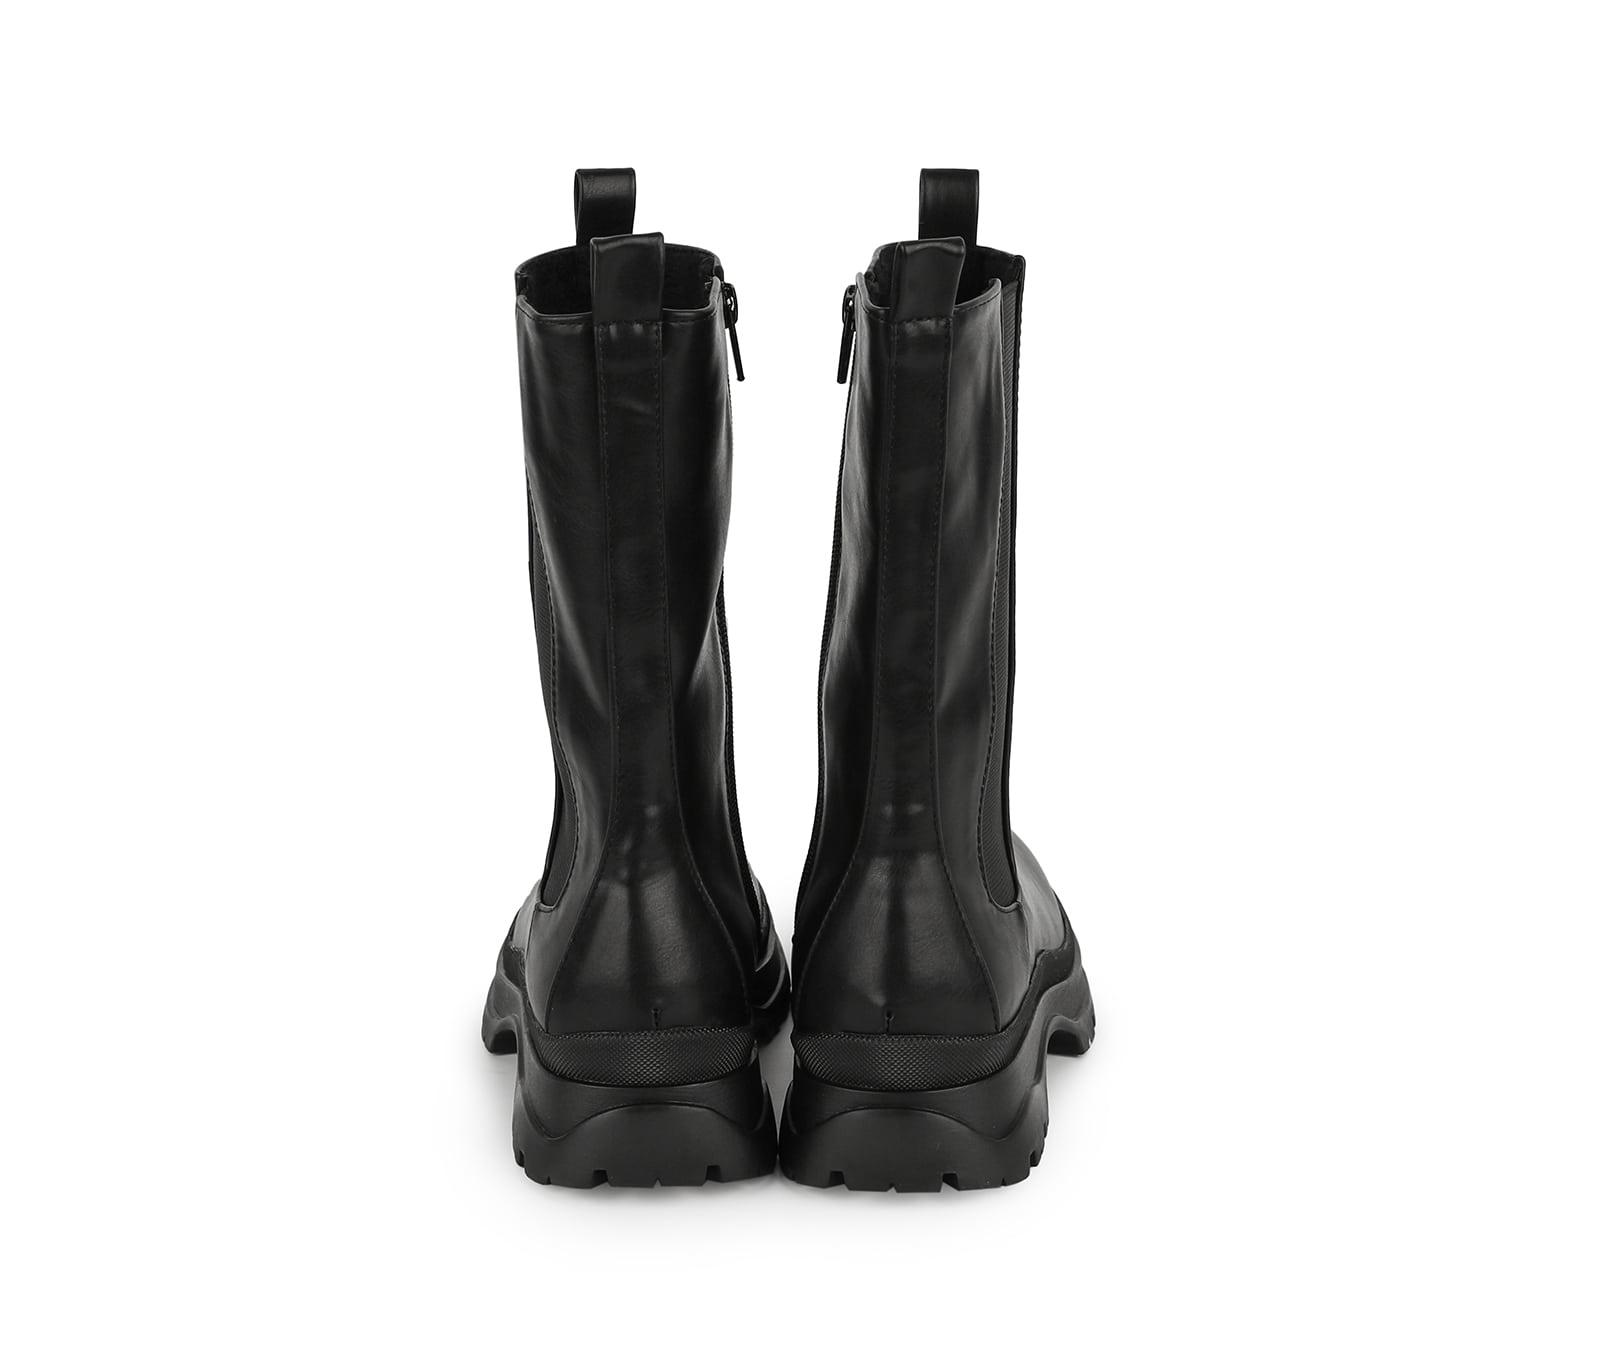 Alp walker boots